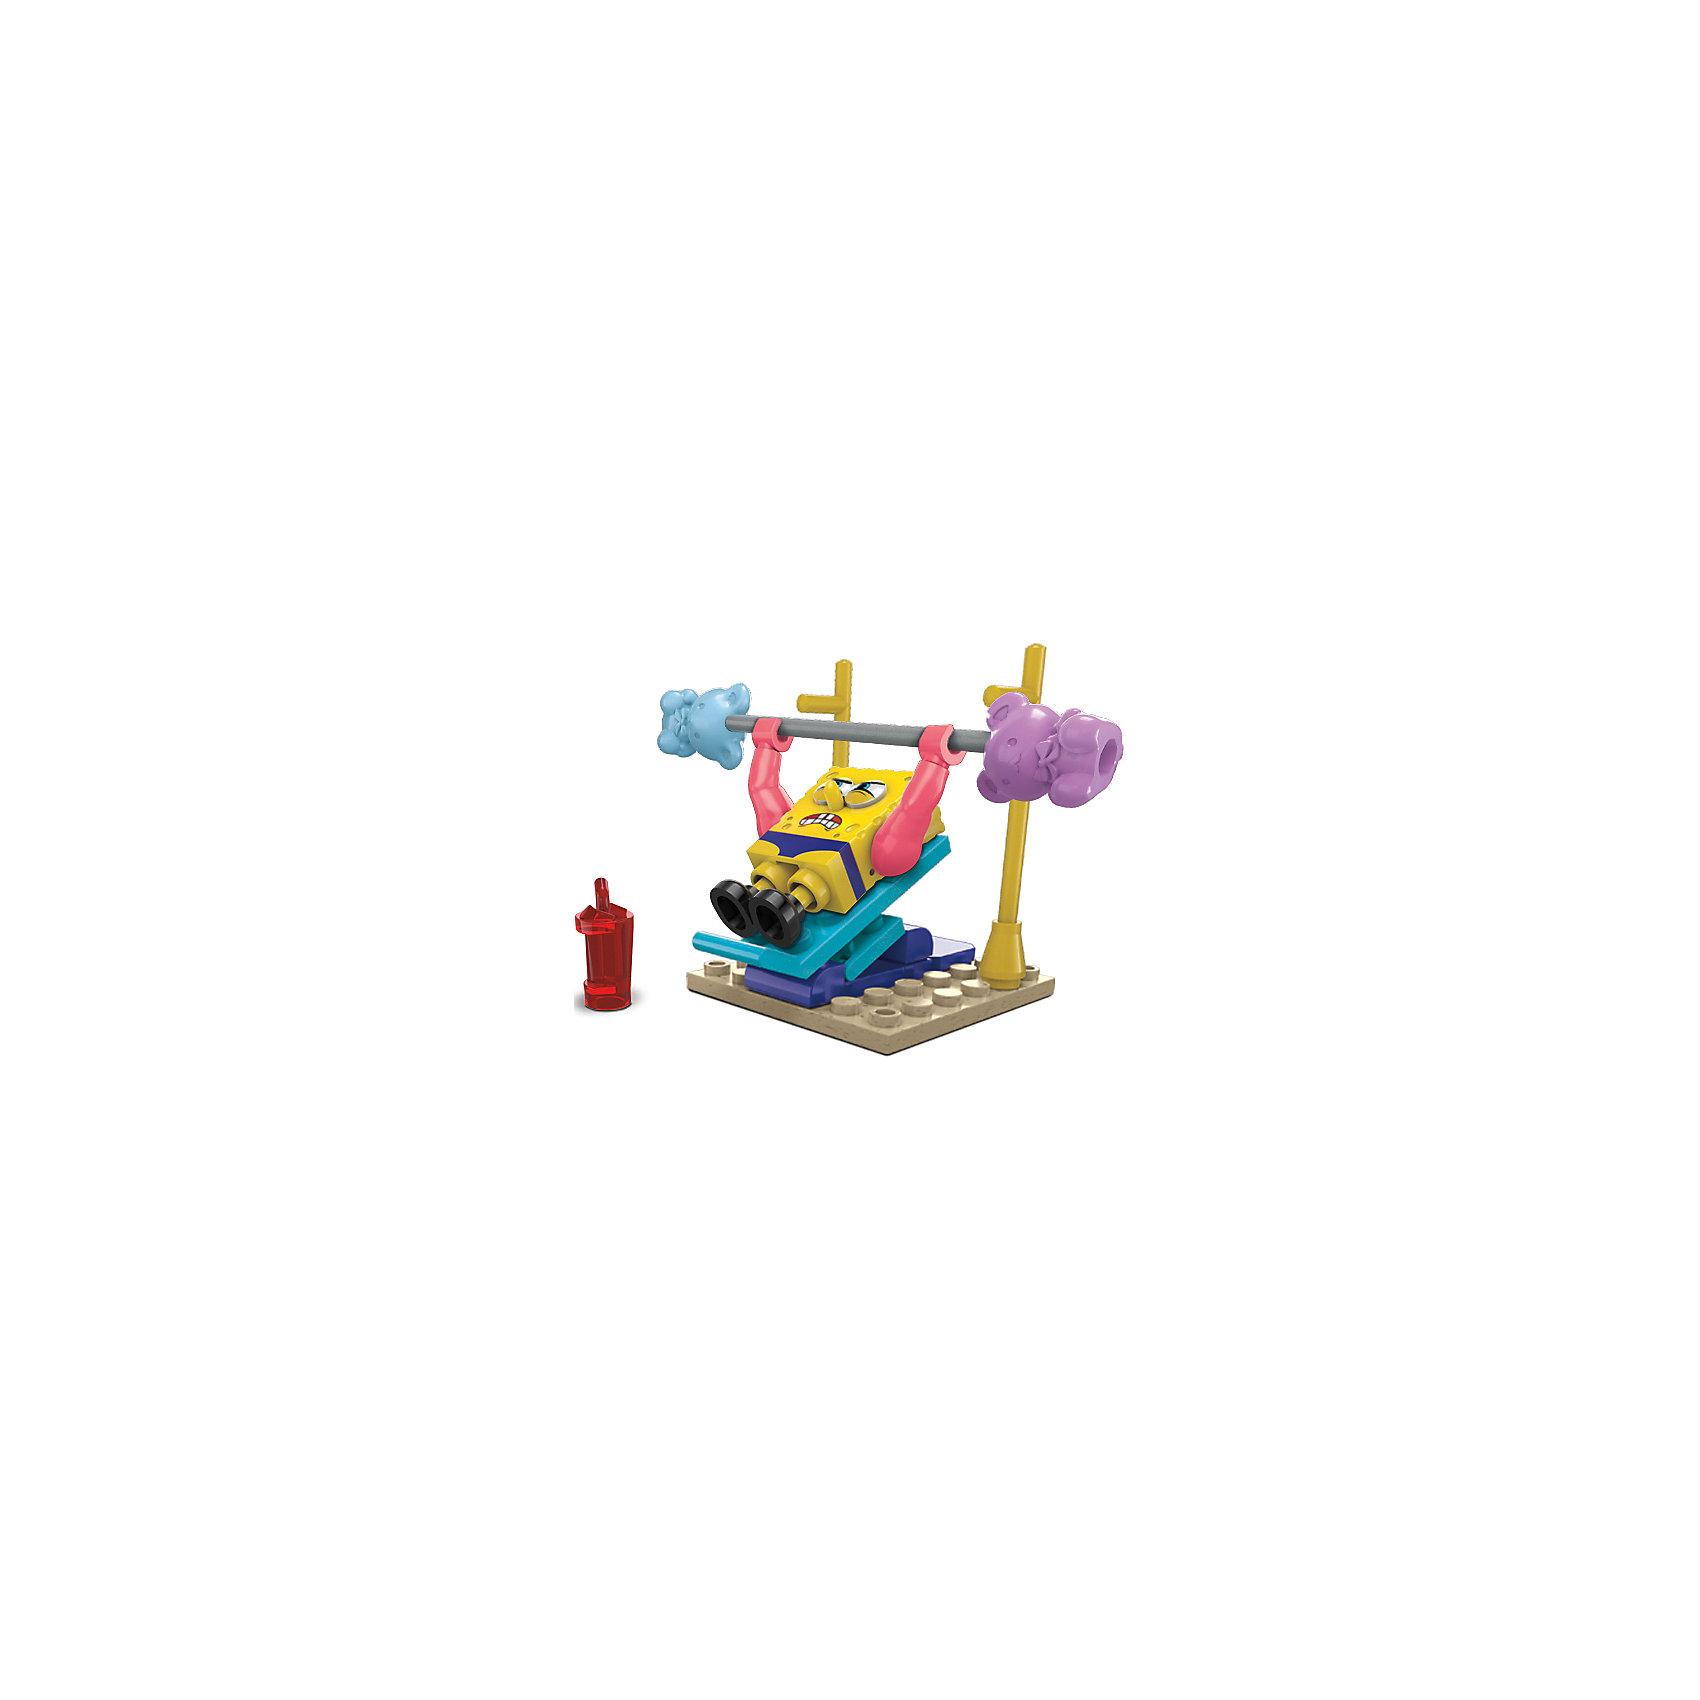 Игровой набор Губка Боб MEGA BLOKSПластмассовые конструкторы<br>Игровой набор Губка Боб MEGA BLOKS (МЕГА БЛОКС) – это увлекательный мини-набор с фигуркой и маленькой конструкцией с подвижными элементами.<br>Настало время твоим любимым героям Бикини Боттом немного пошалить! Все на Пляже мидий будут завидовать Губке Бобу Квадратные штаны, после того, как он накачает мышцы в сумасшедшем спортзале и станет Мускул Бобом Могучие штаны. Собери набор, нажимай на скамейку и Губка Боб будет поднимать штангу со снарядами в виде плюшевых мишек. Также для спортивных занятий у Губки Боба есть один важный аксессуар - бутылка с водой.<br><br>Дополнительная информация:<br><br>- В наборе: одна мини-фигурка Губки Боба с бутылкой для воды, сборный тренажерный зал с подъемными гирями - плюшевыми медведями<br>- Количество деталей: 26<br>- Материал: прочный, безопасный пластик<br>- Размер упаковки: 4,5 x 10 x 12 см.<br>- Вес: 59 гр.<br><br>Игровой набор Губка Боб MEGA BLOKS (МЕГА БЛОКС) можно купить в нашем интернет-магазине.<br><br>Ширина мм: 45<br>Глубина мм: 100<br>Высота мм: 120<br>Вес г: 59<br>Возраст от месяцев: 60<br>Возраст до месяцев: 120<br>Пол: Унисекс<br>Возраст: Детский<br>SKU: 4713563